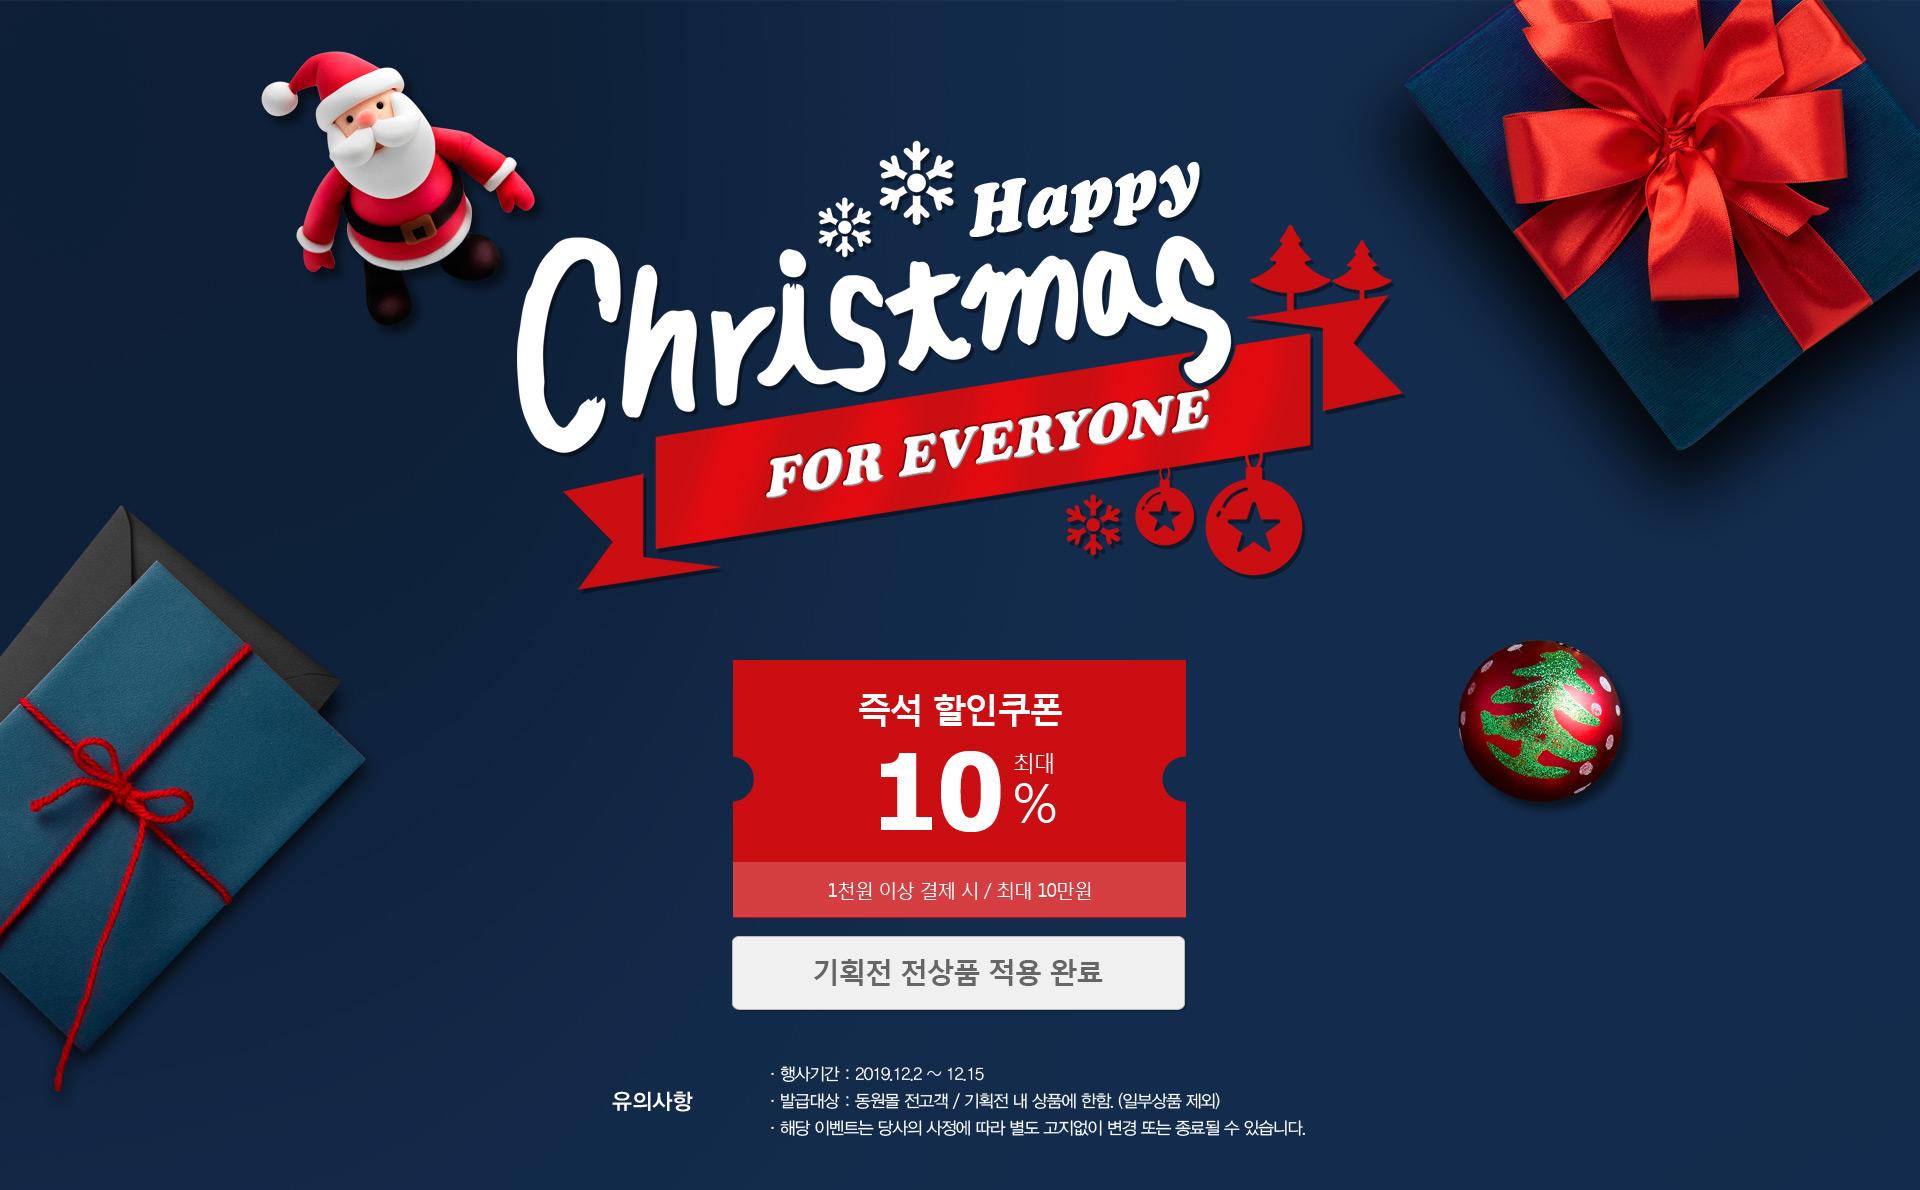 동원몰 크리스마스 선물대전